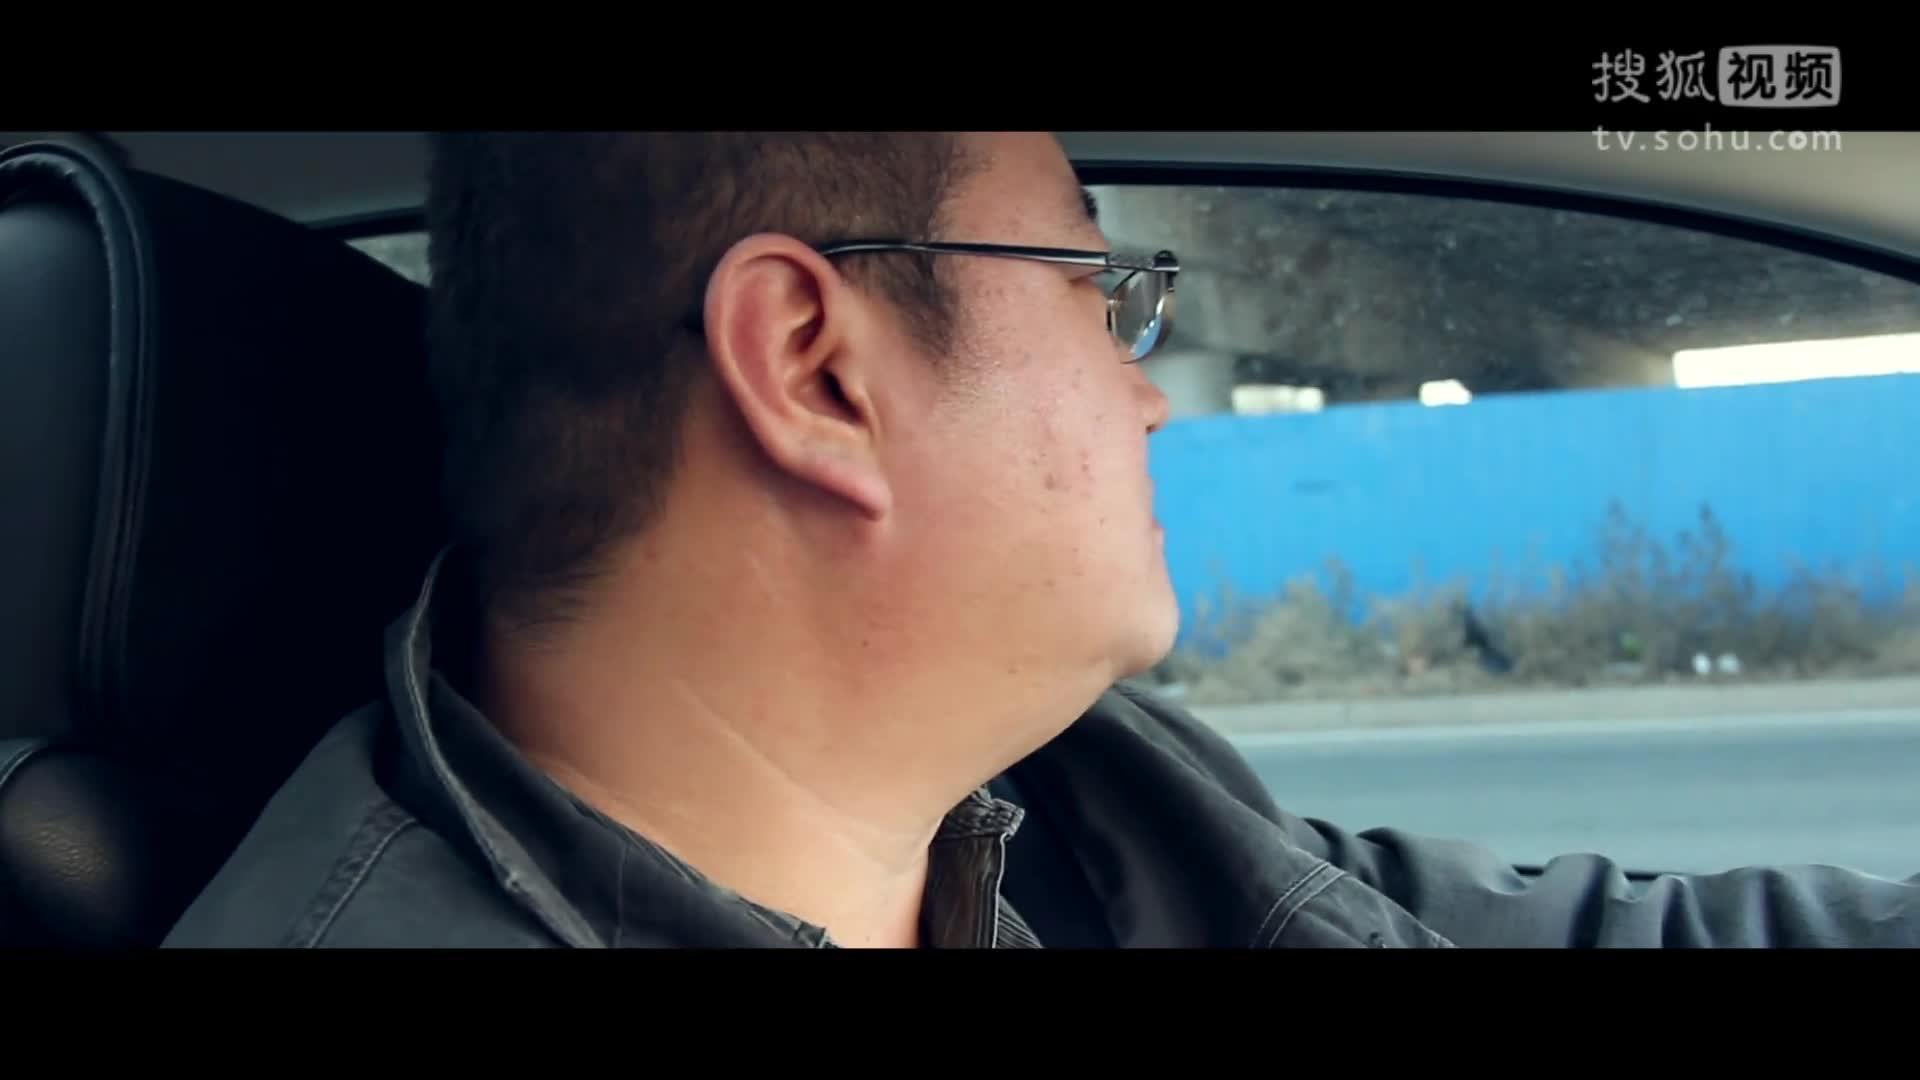 鬼火冲:史上最呆傻的专车司机和乘客